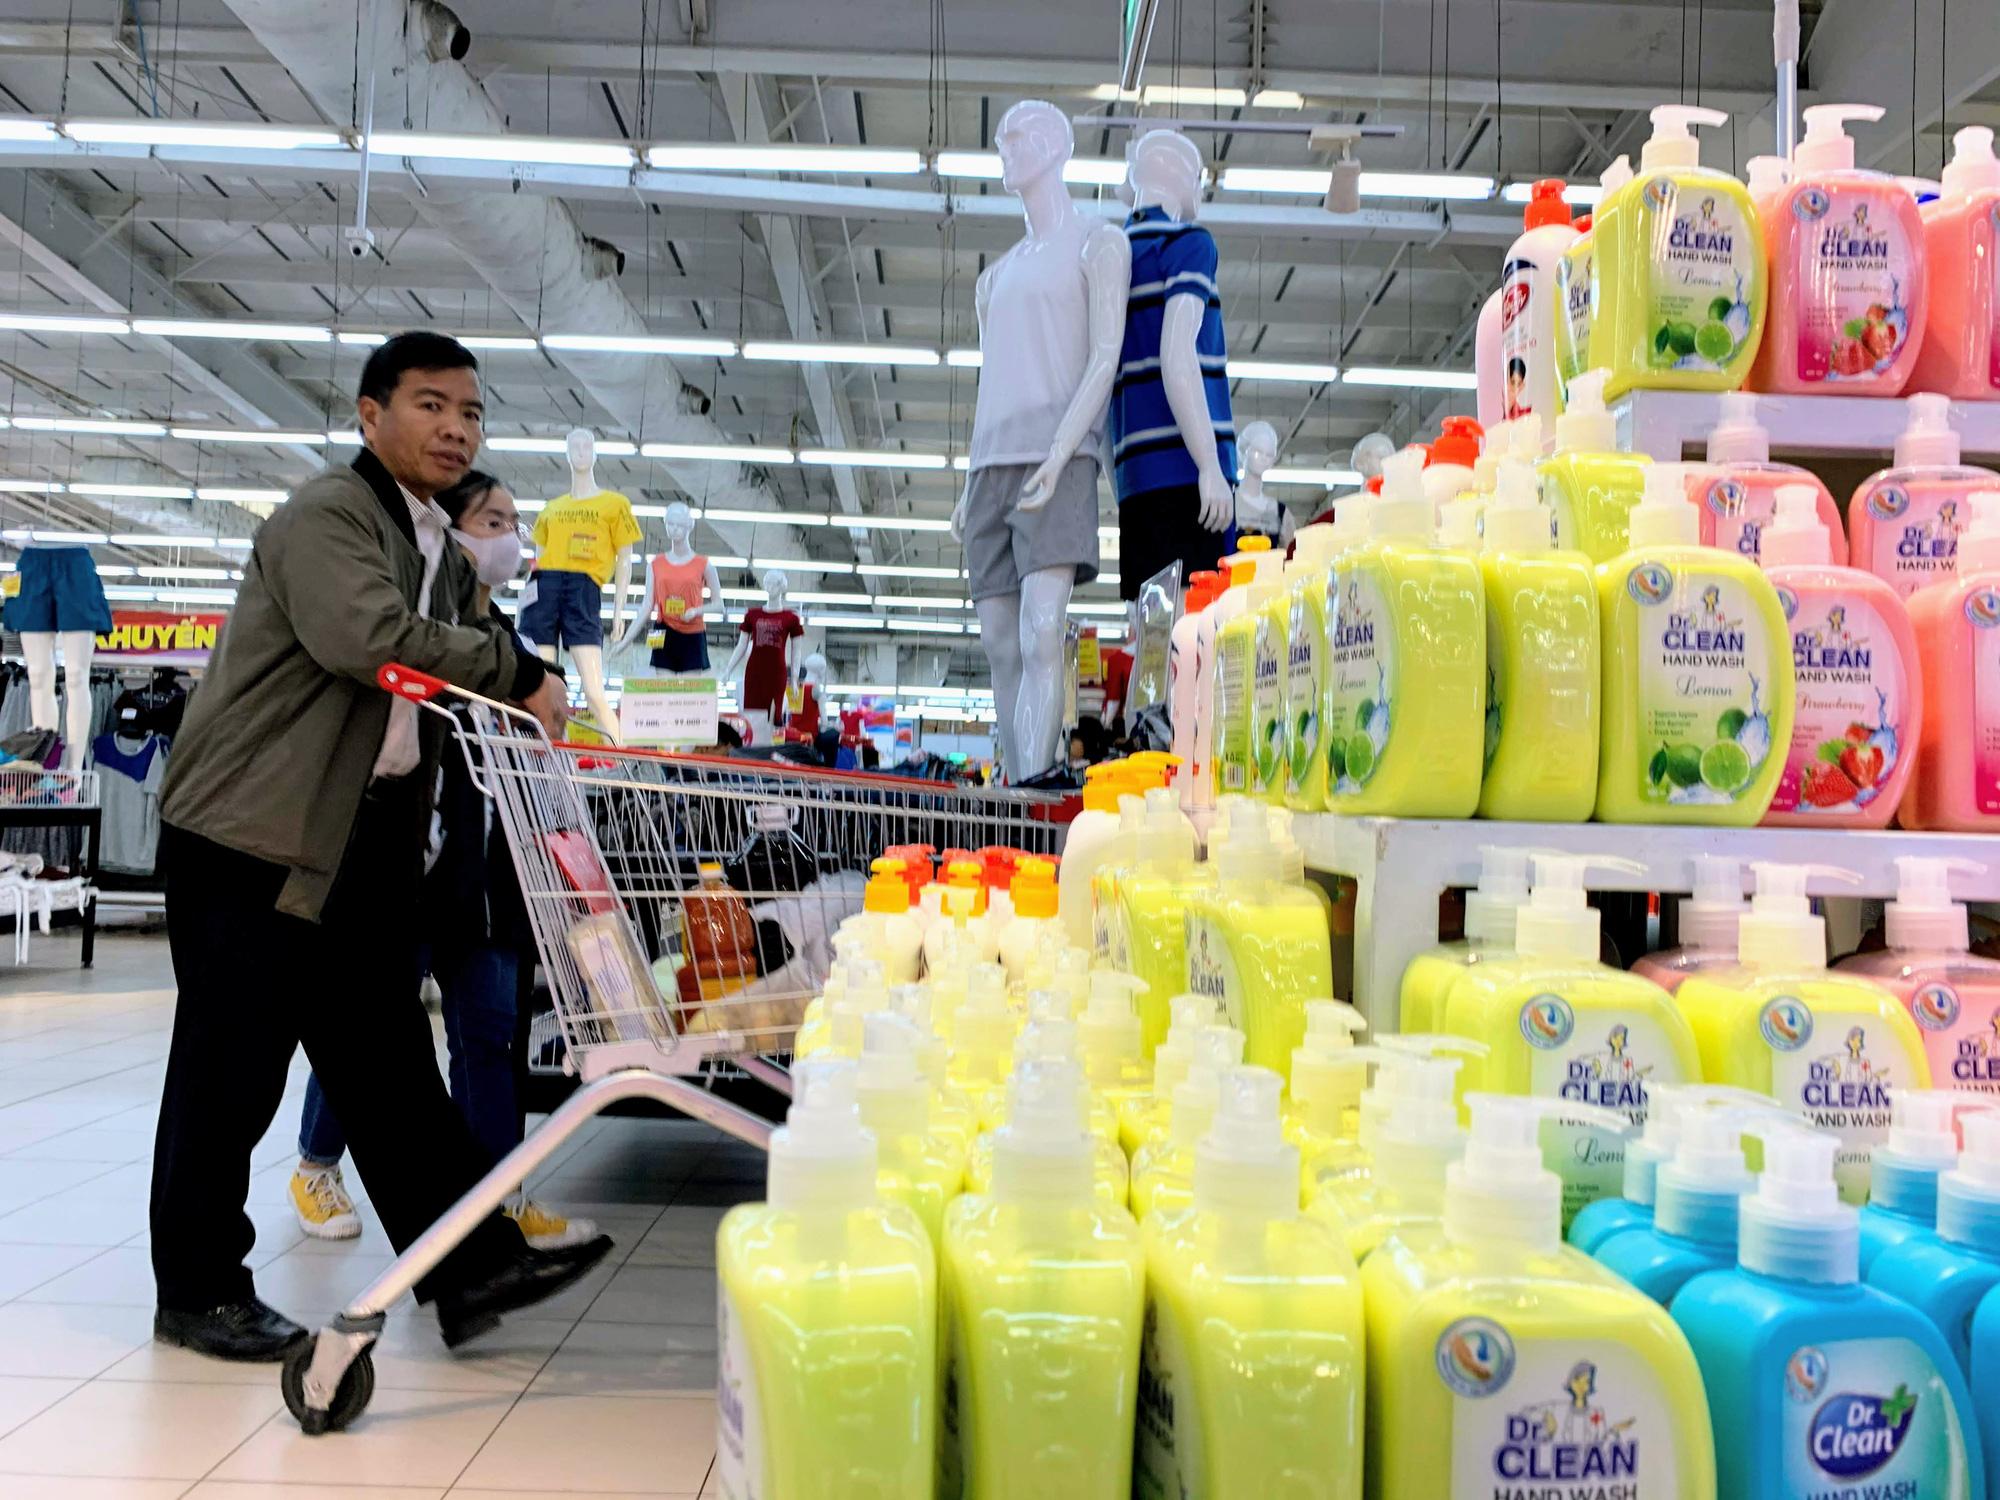 Ma trận nước rửa tay, gel sát khuẩn tại các siêu thị ở Hà Nội làm khó người tiêu dùng - Ảnh 5.